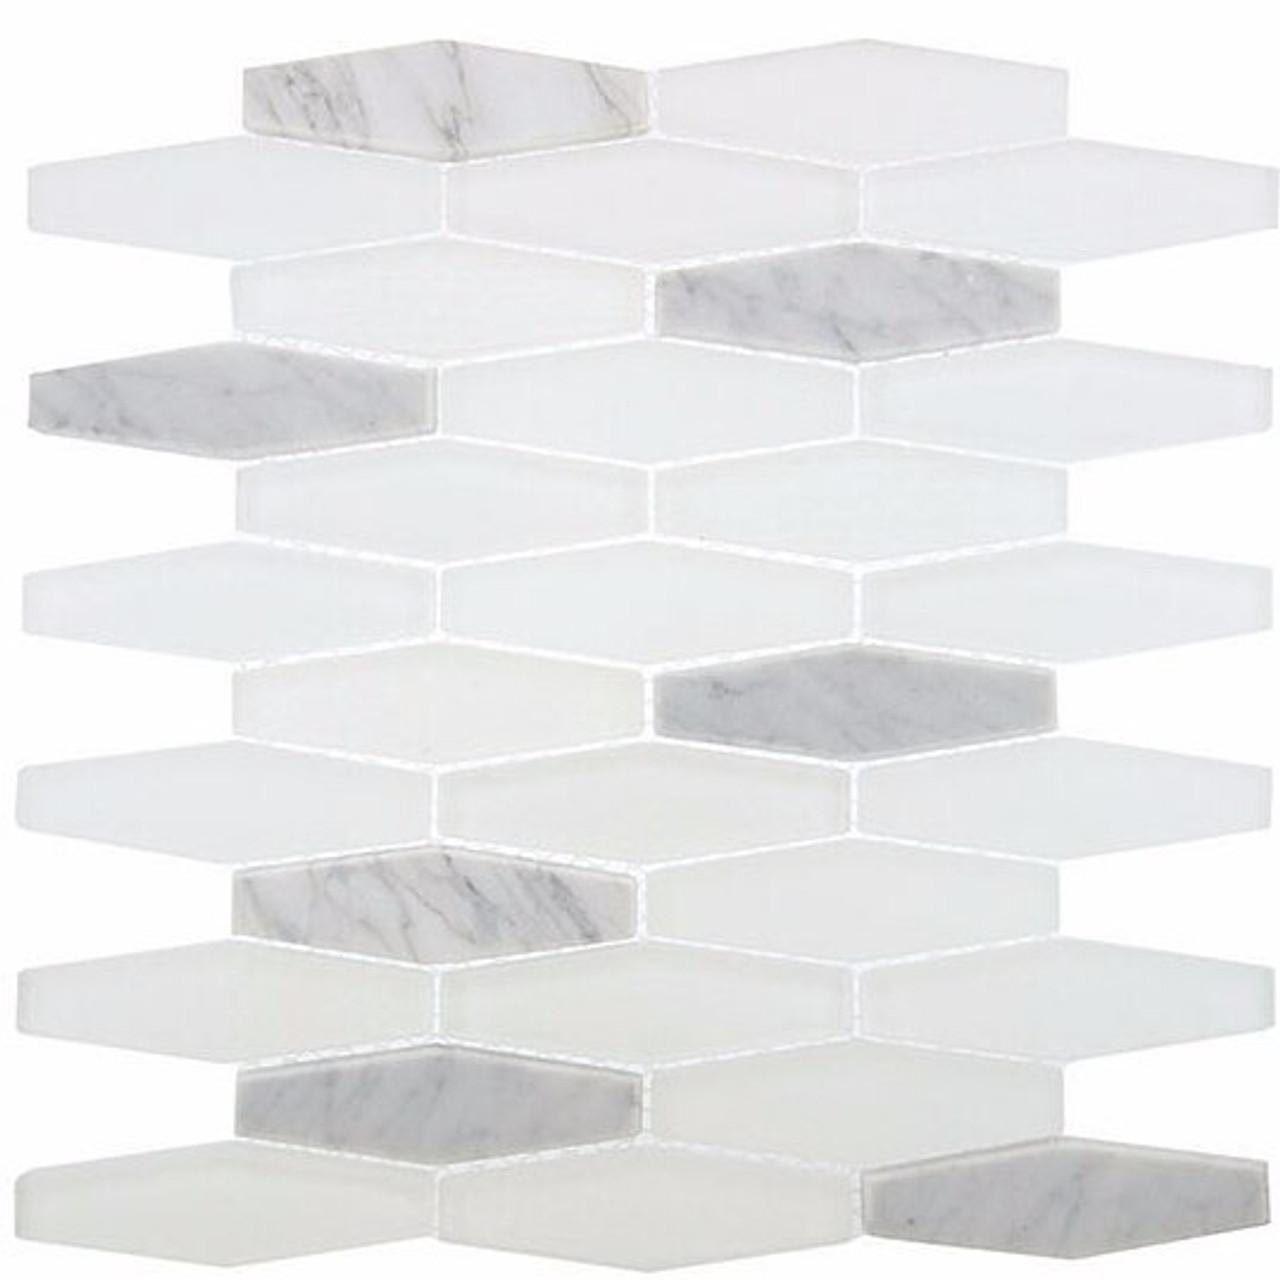 Bella Glass Tiles Astro Series Silver Scape STR-193